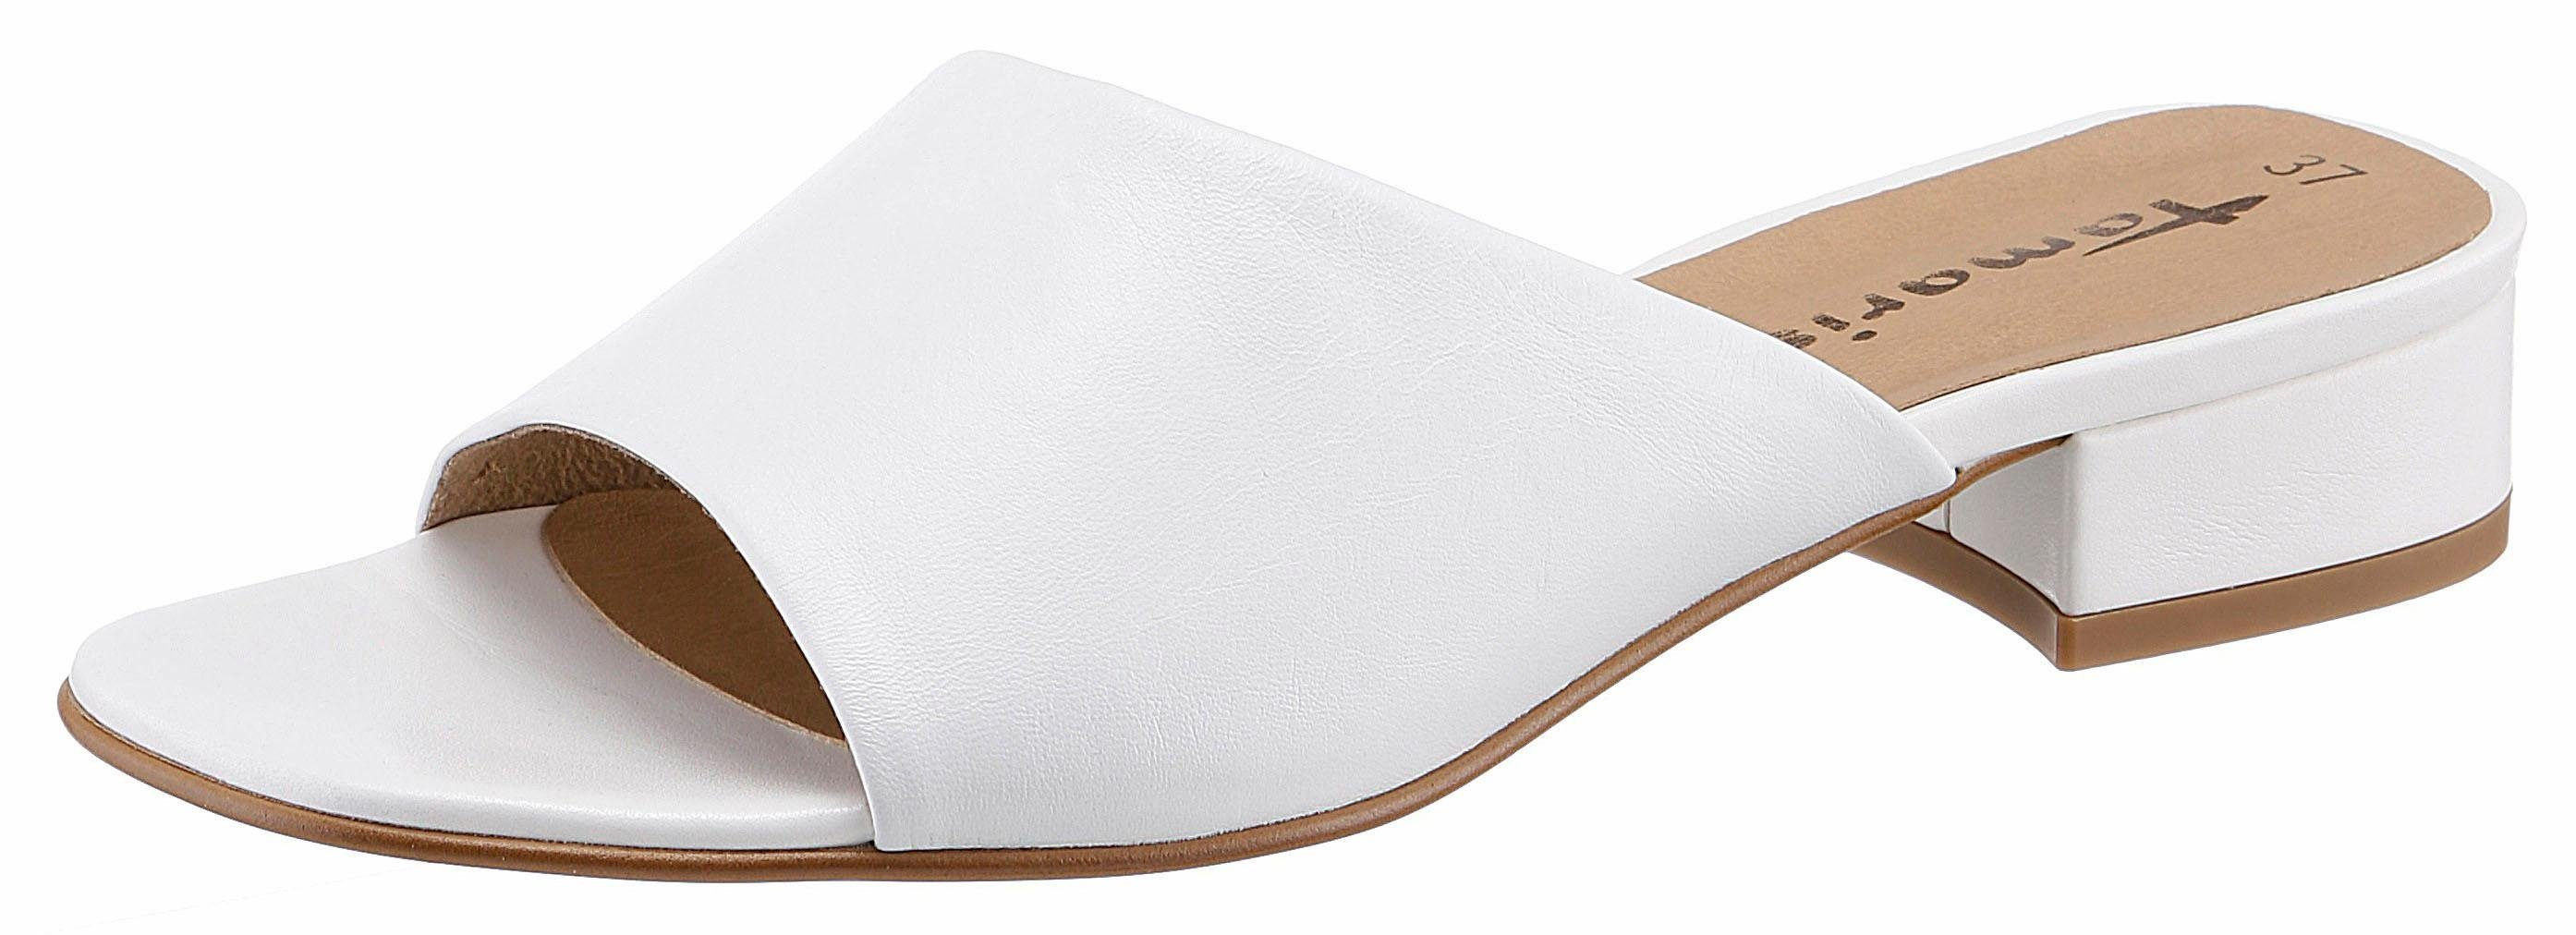 Tamaris Pantolette, mit sportiver Sohle, weiß, EURO-Größen, weiß-silberfarben